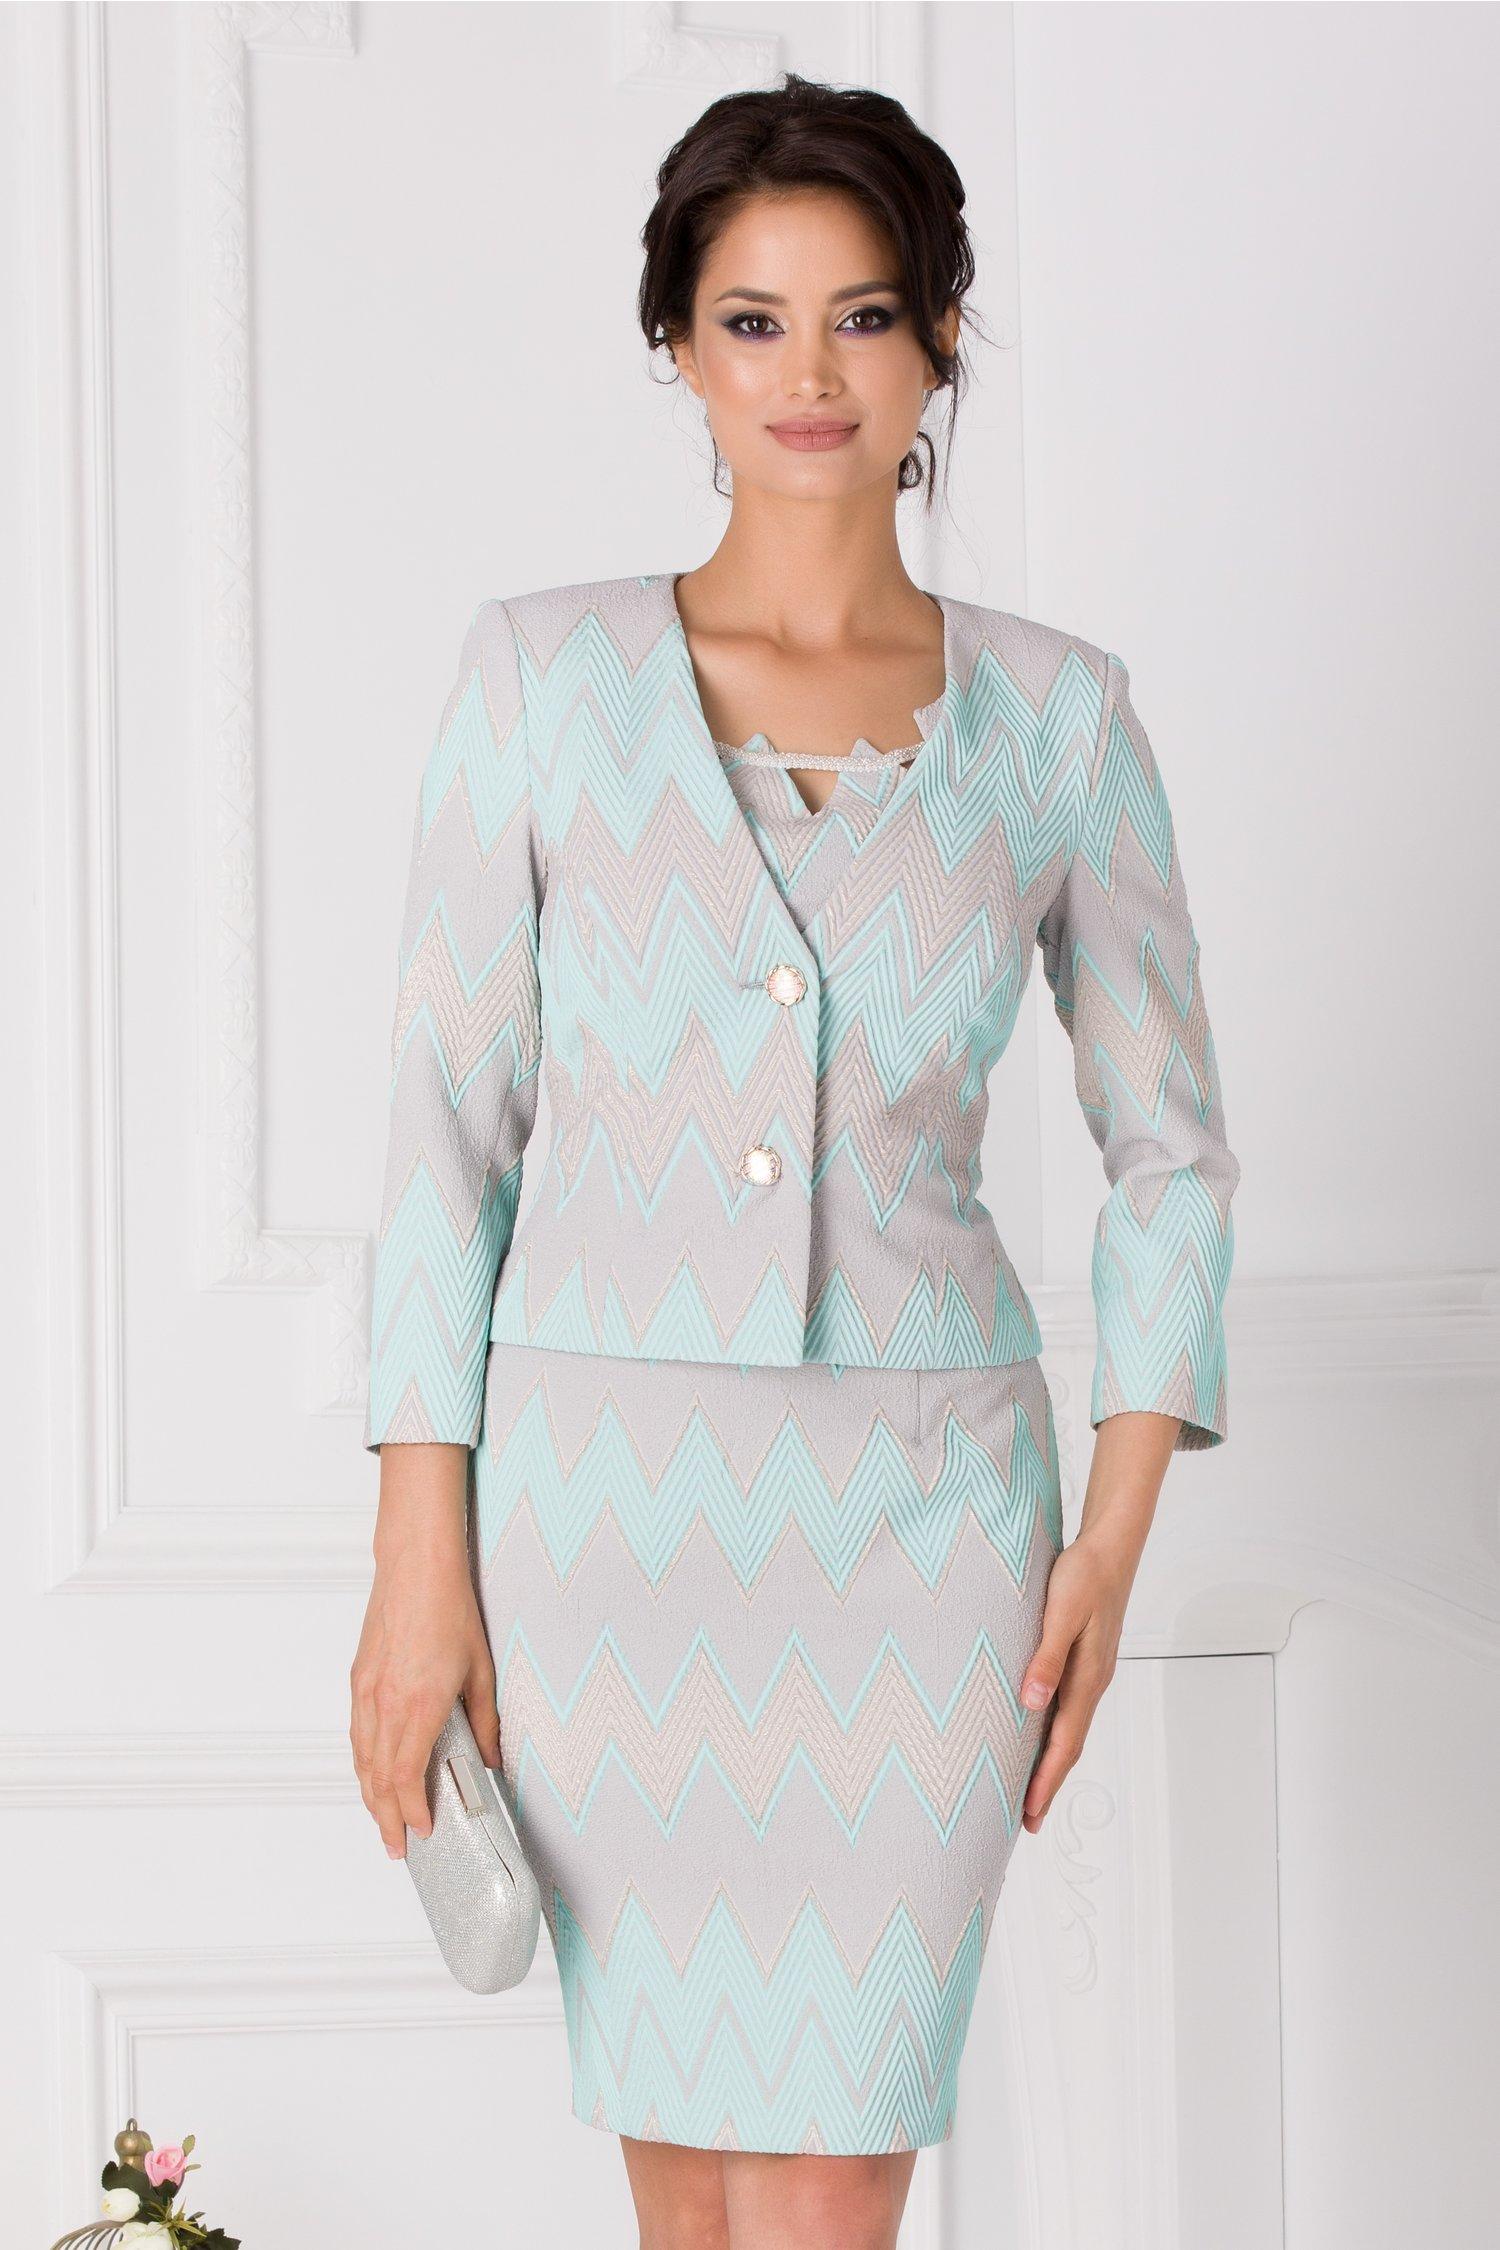 Compleu Petra cu sacou si rochie gri cu imprimeu turcoaz